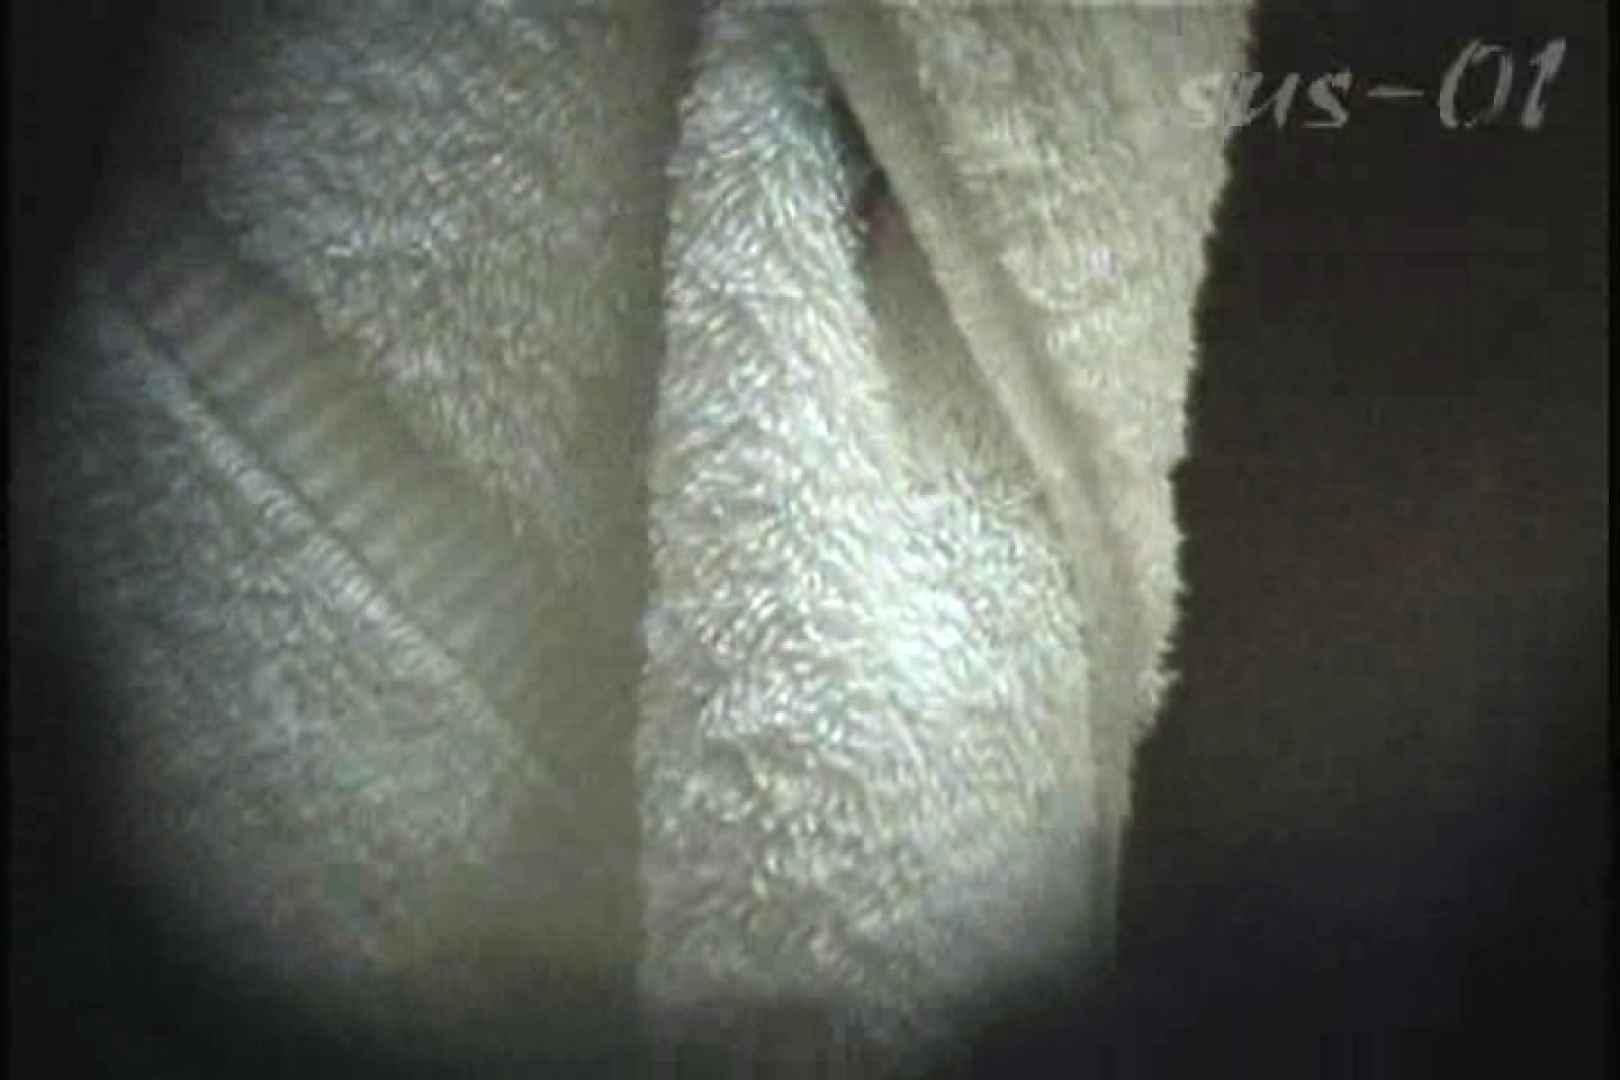 サターンさんのウル技炸裂!!夏乙女★海の家シャワー室絵巻 Vol.01 シャワー  92PIX 27